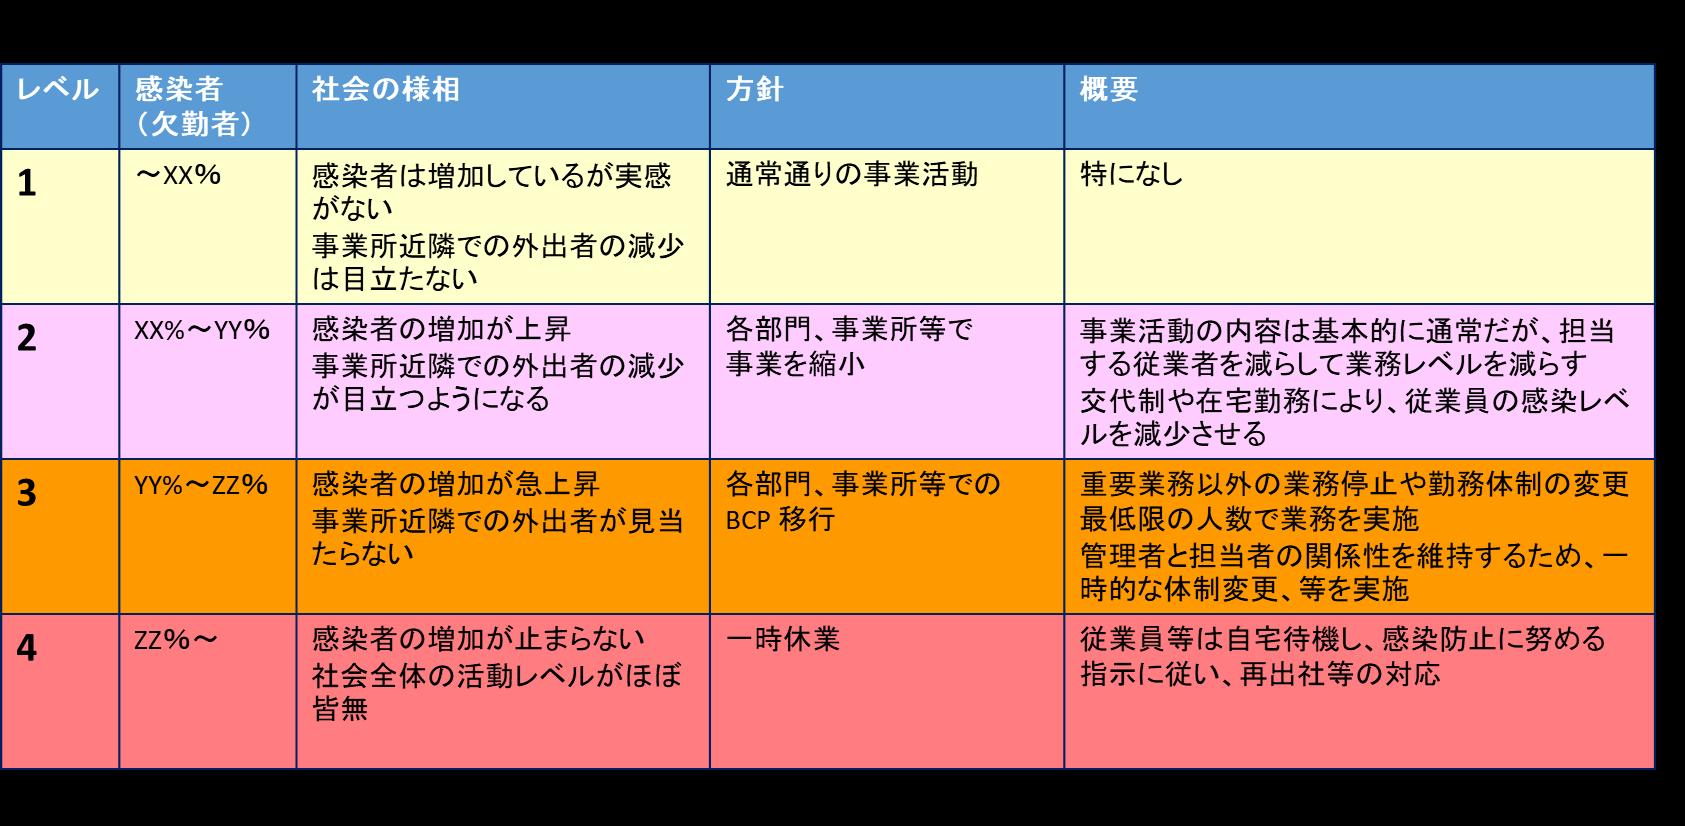 感染状況と対応レベルの方針(例)